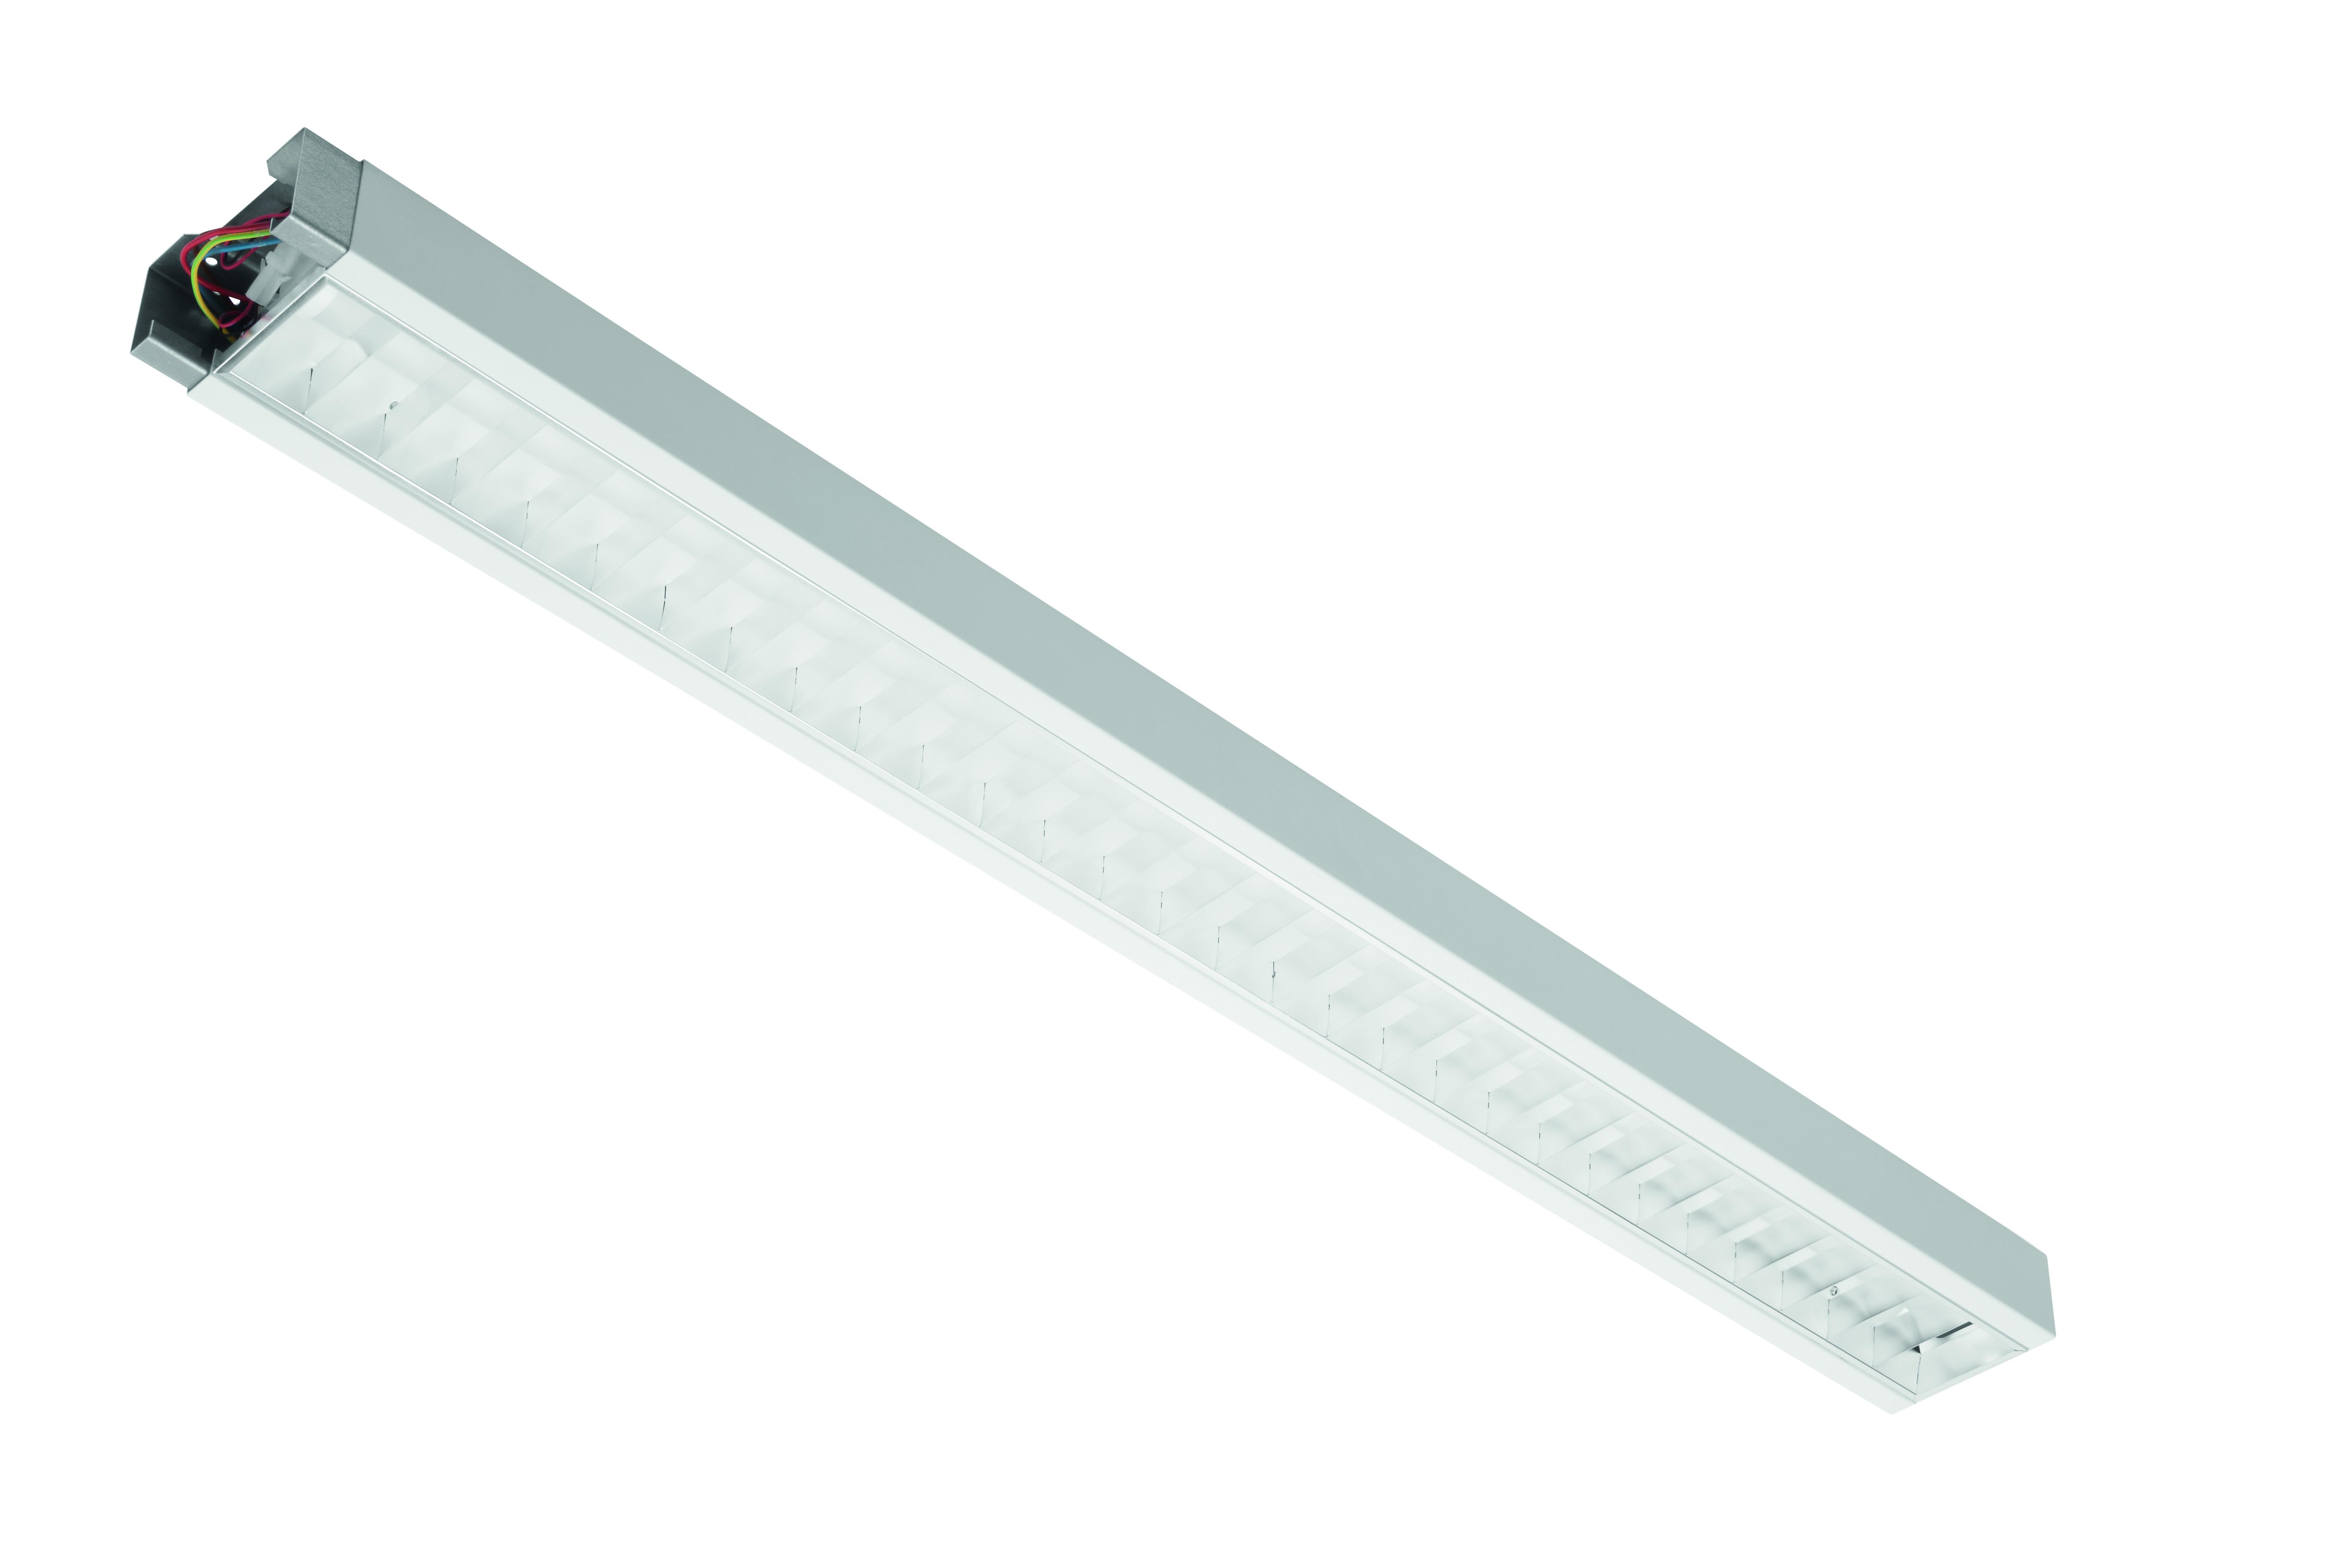 1 Stk SARM-LINE T-LED 42W 4000K, 5350lm, Ra>80, weiß, EVG, L=1468 LI99001693